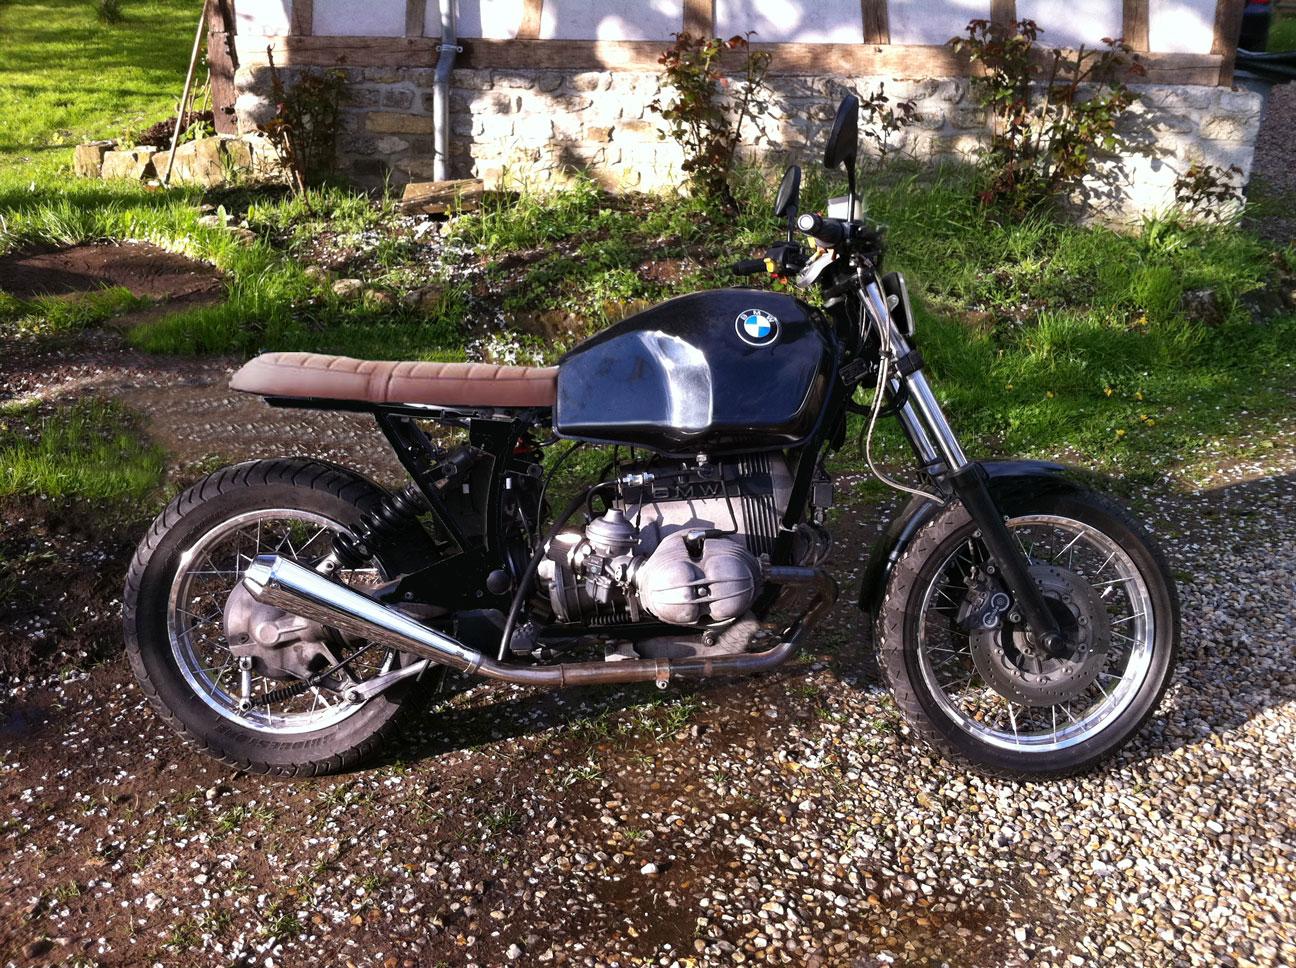 R100R rabbit racer 1368090690-essai-bmw-sans-tete-lapin-petit-phare-2eme-cadre-noir-garde-boue-long-sans-pare-cylindre-selle-plate-rese-noir